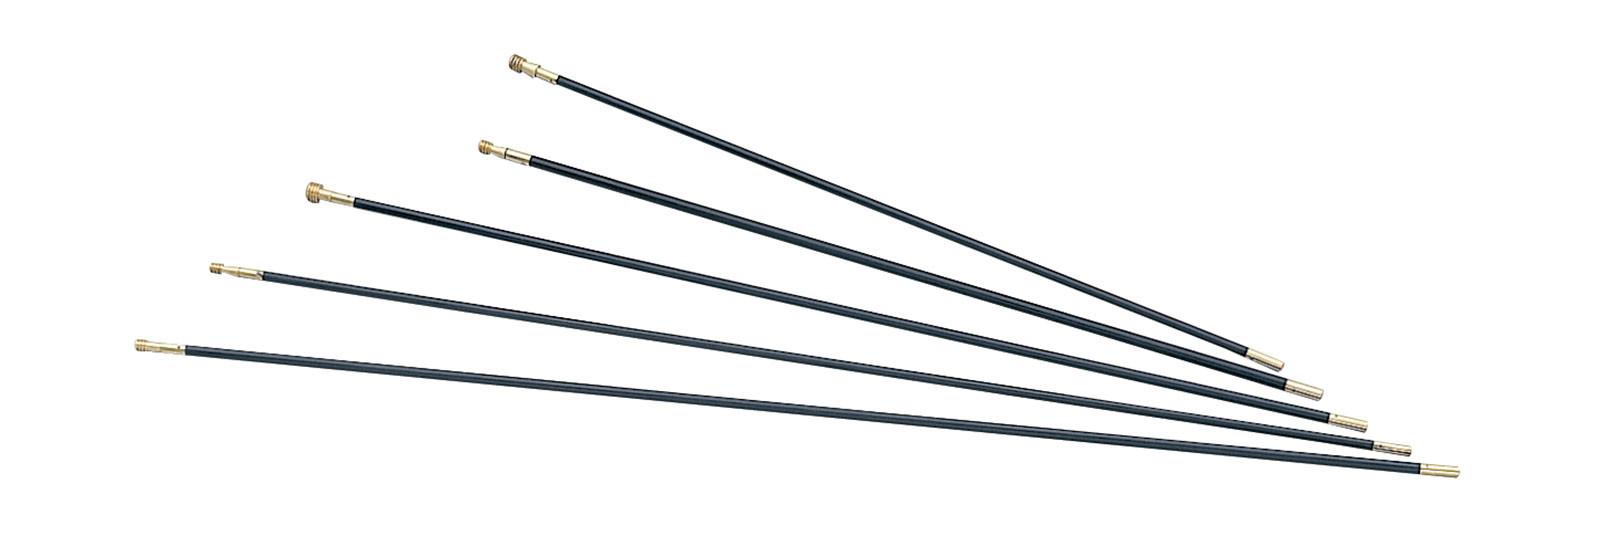 Bacchetta in fibra per armi ad avancarica 8x900 mm